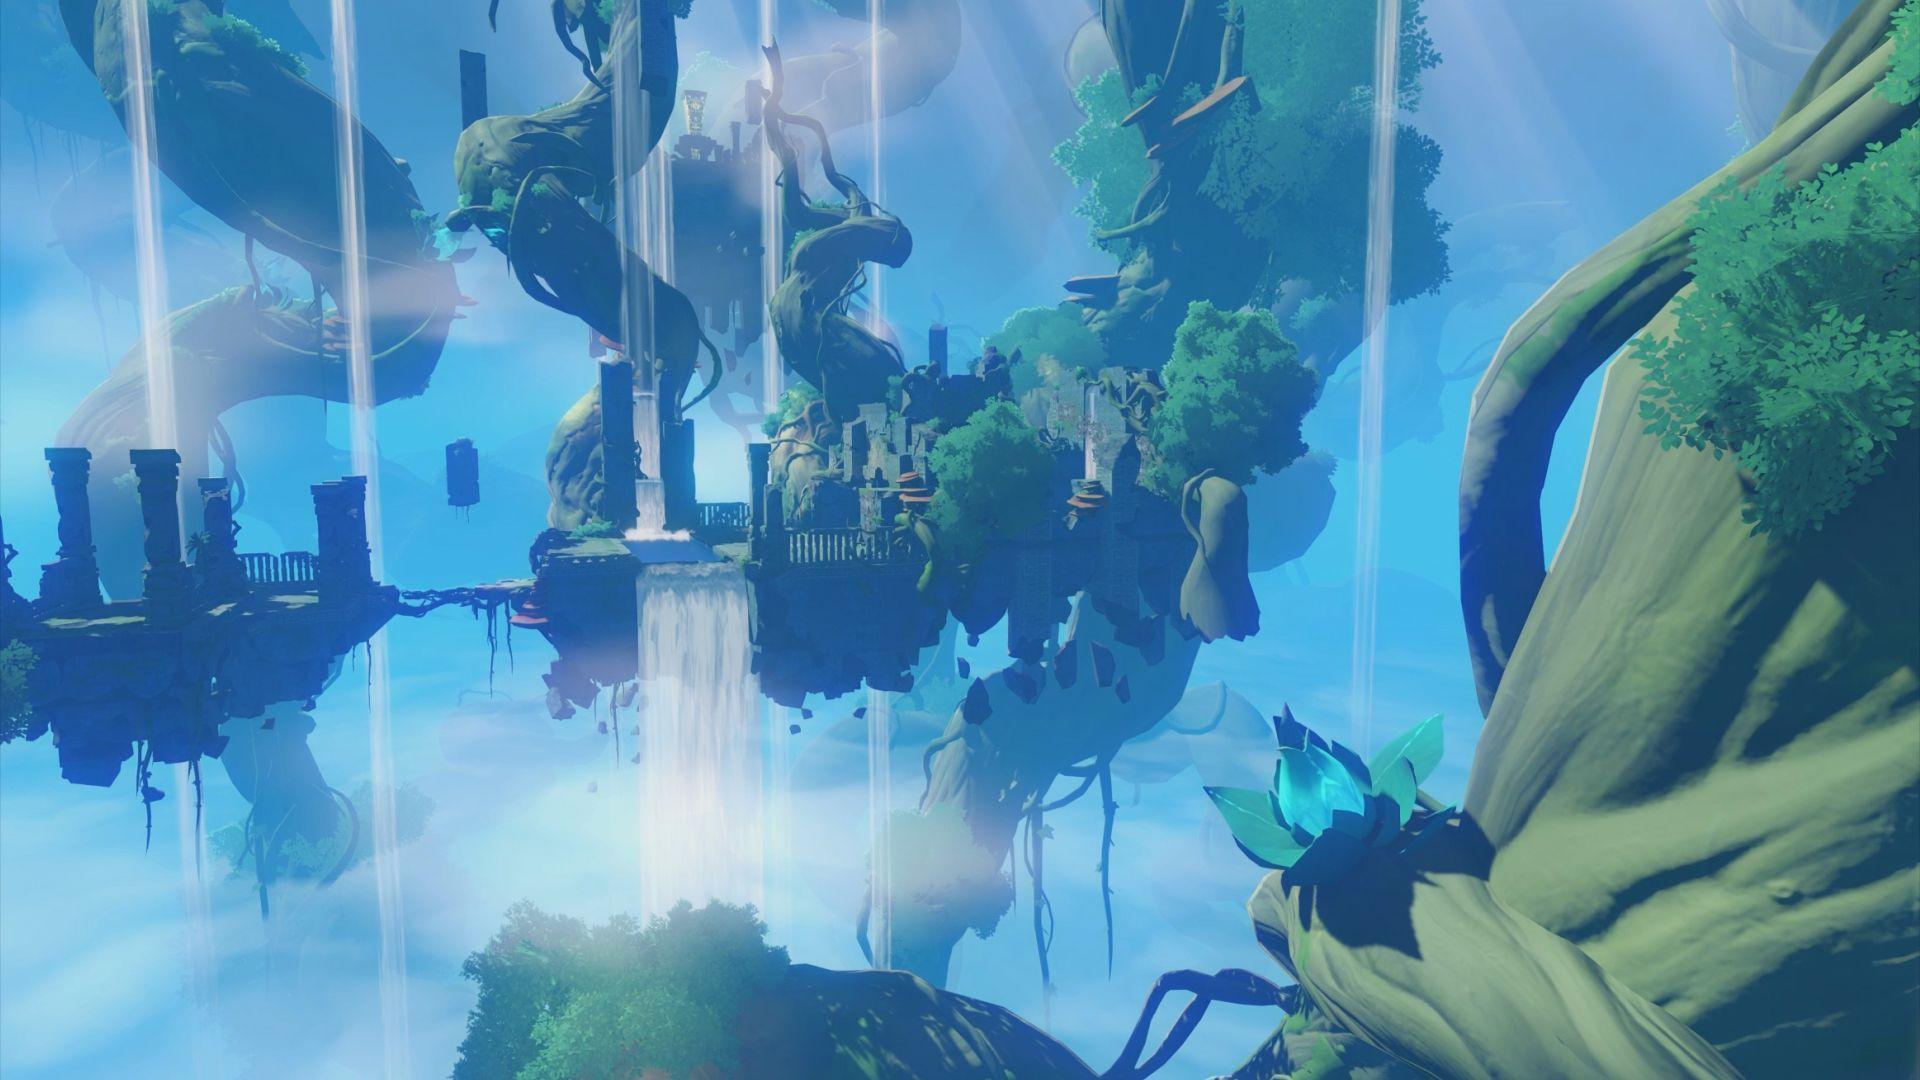 1920x1080 Cuộc phiêu lưu thế giới mở Genshin Impact sẽ đến với PS4 vào năm sau - PlayStation.Blog